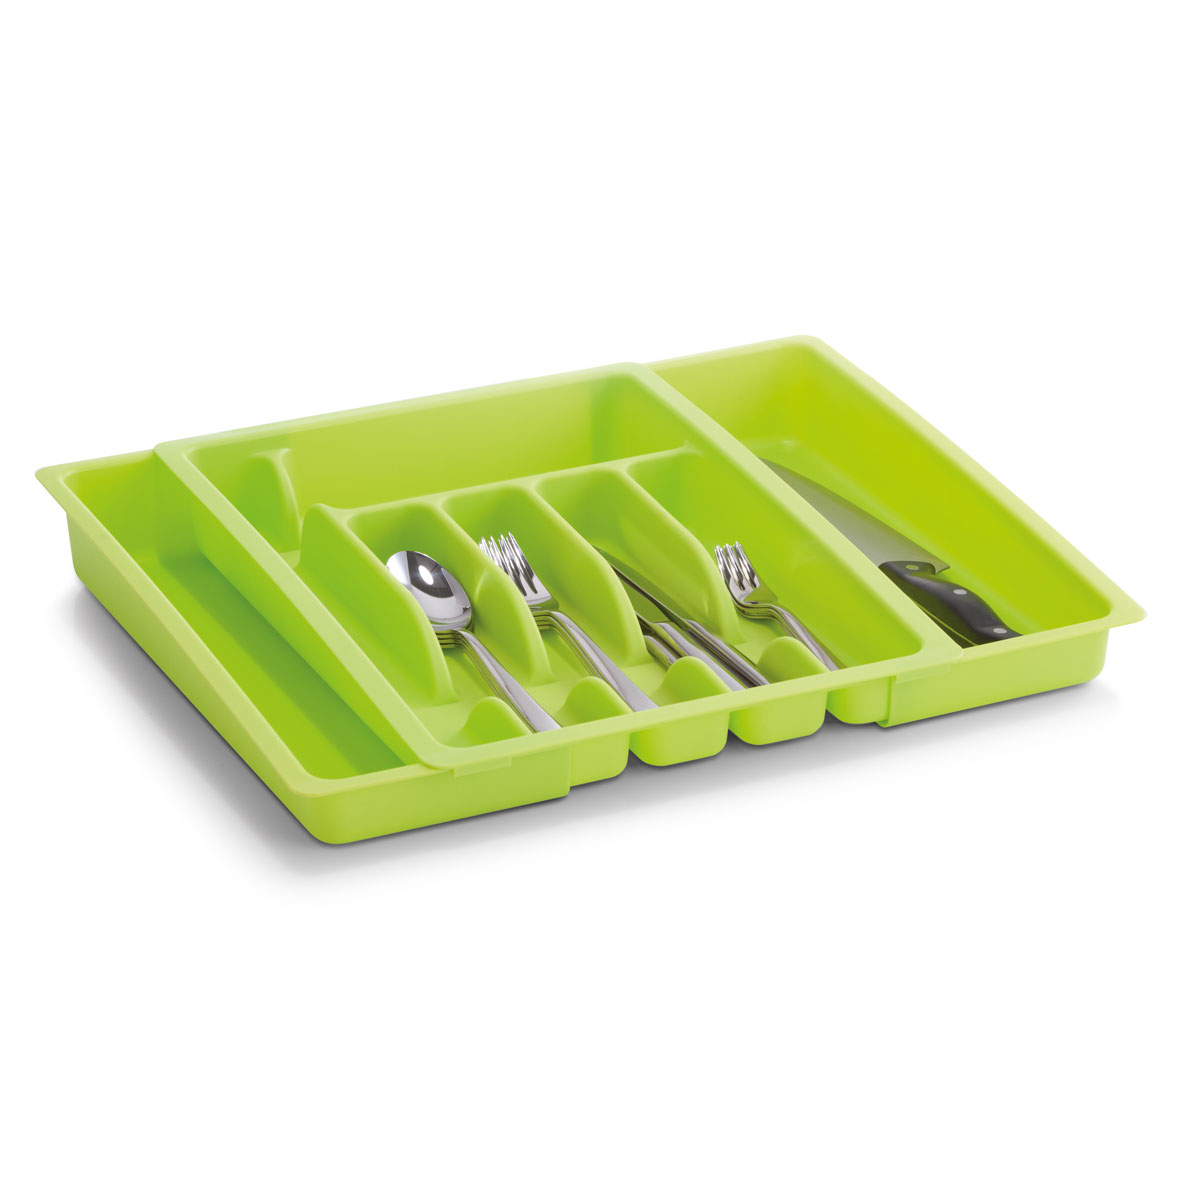 Подставка для столовых приборов Zeller, раздвижная, цвет: зеленый, 28-48 х 38 х 6,5 см21395599Подставка для столовых приборов Zeller изготовлена из высококачественного прочного пластика. Изделие имеет 4 средних секции для хранения ложек, вилок и ножей, маленькую широкую и длинную узкую секции - для различных кухонных принадлежностей. Подставка регулируется по длине, что позволяет установить ее в любые кухонные ящики, при этом появляется дополнительная секция для хранения.